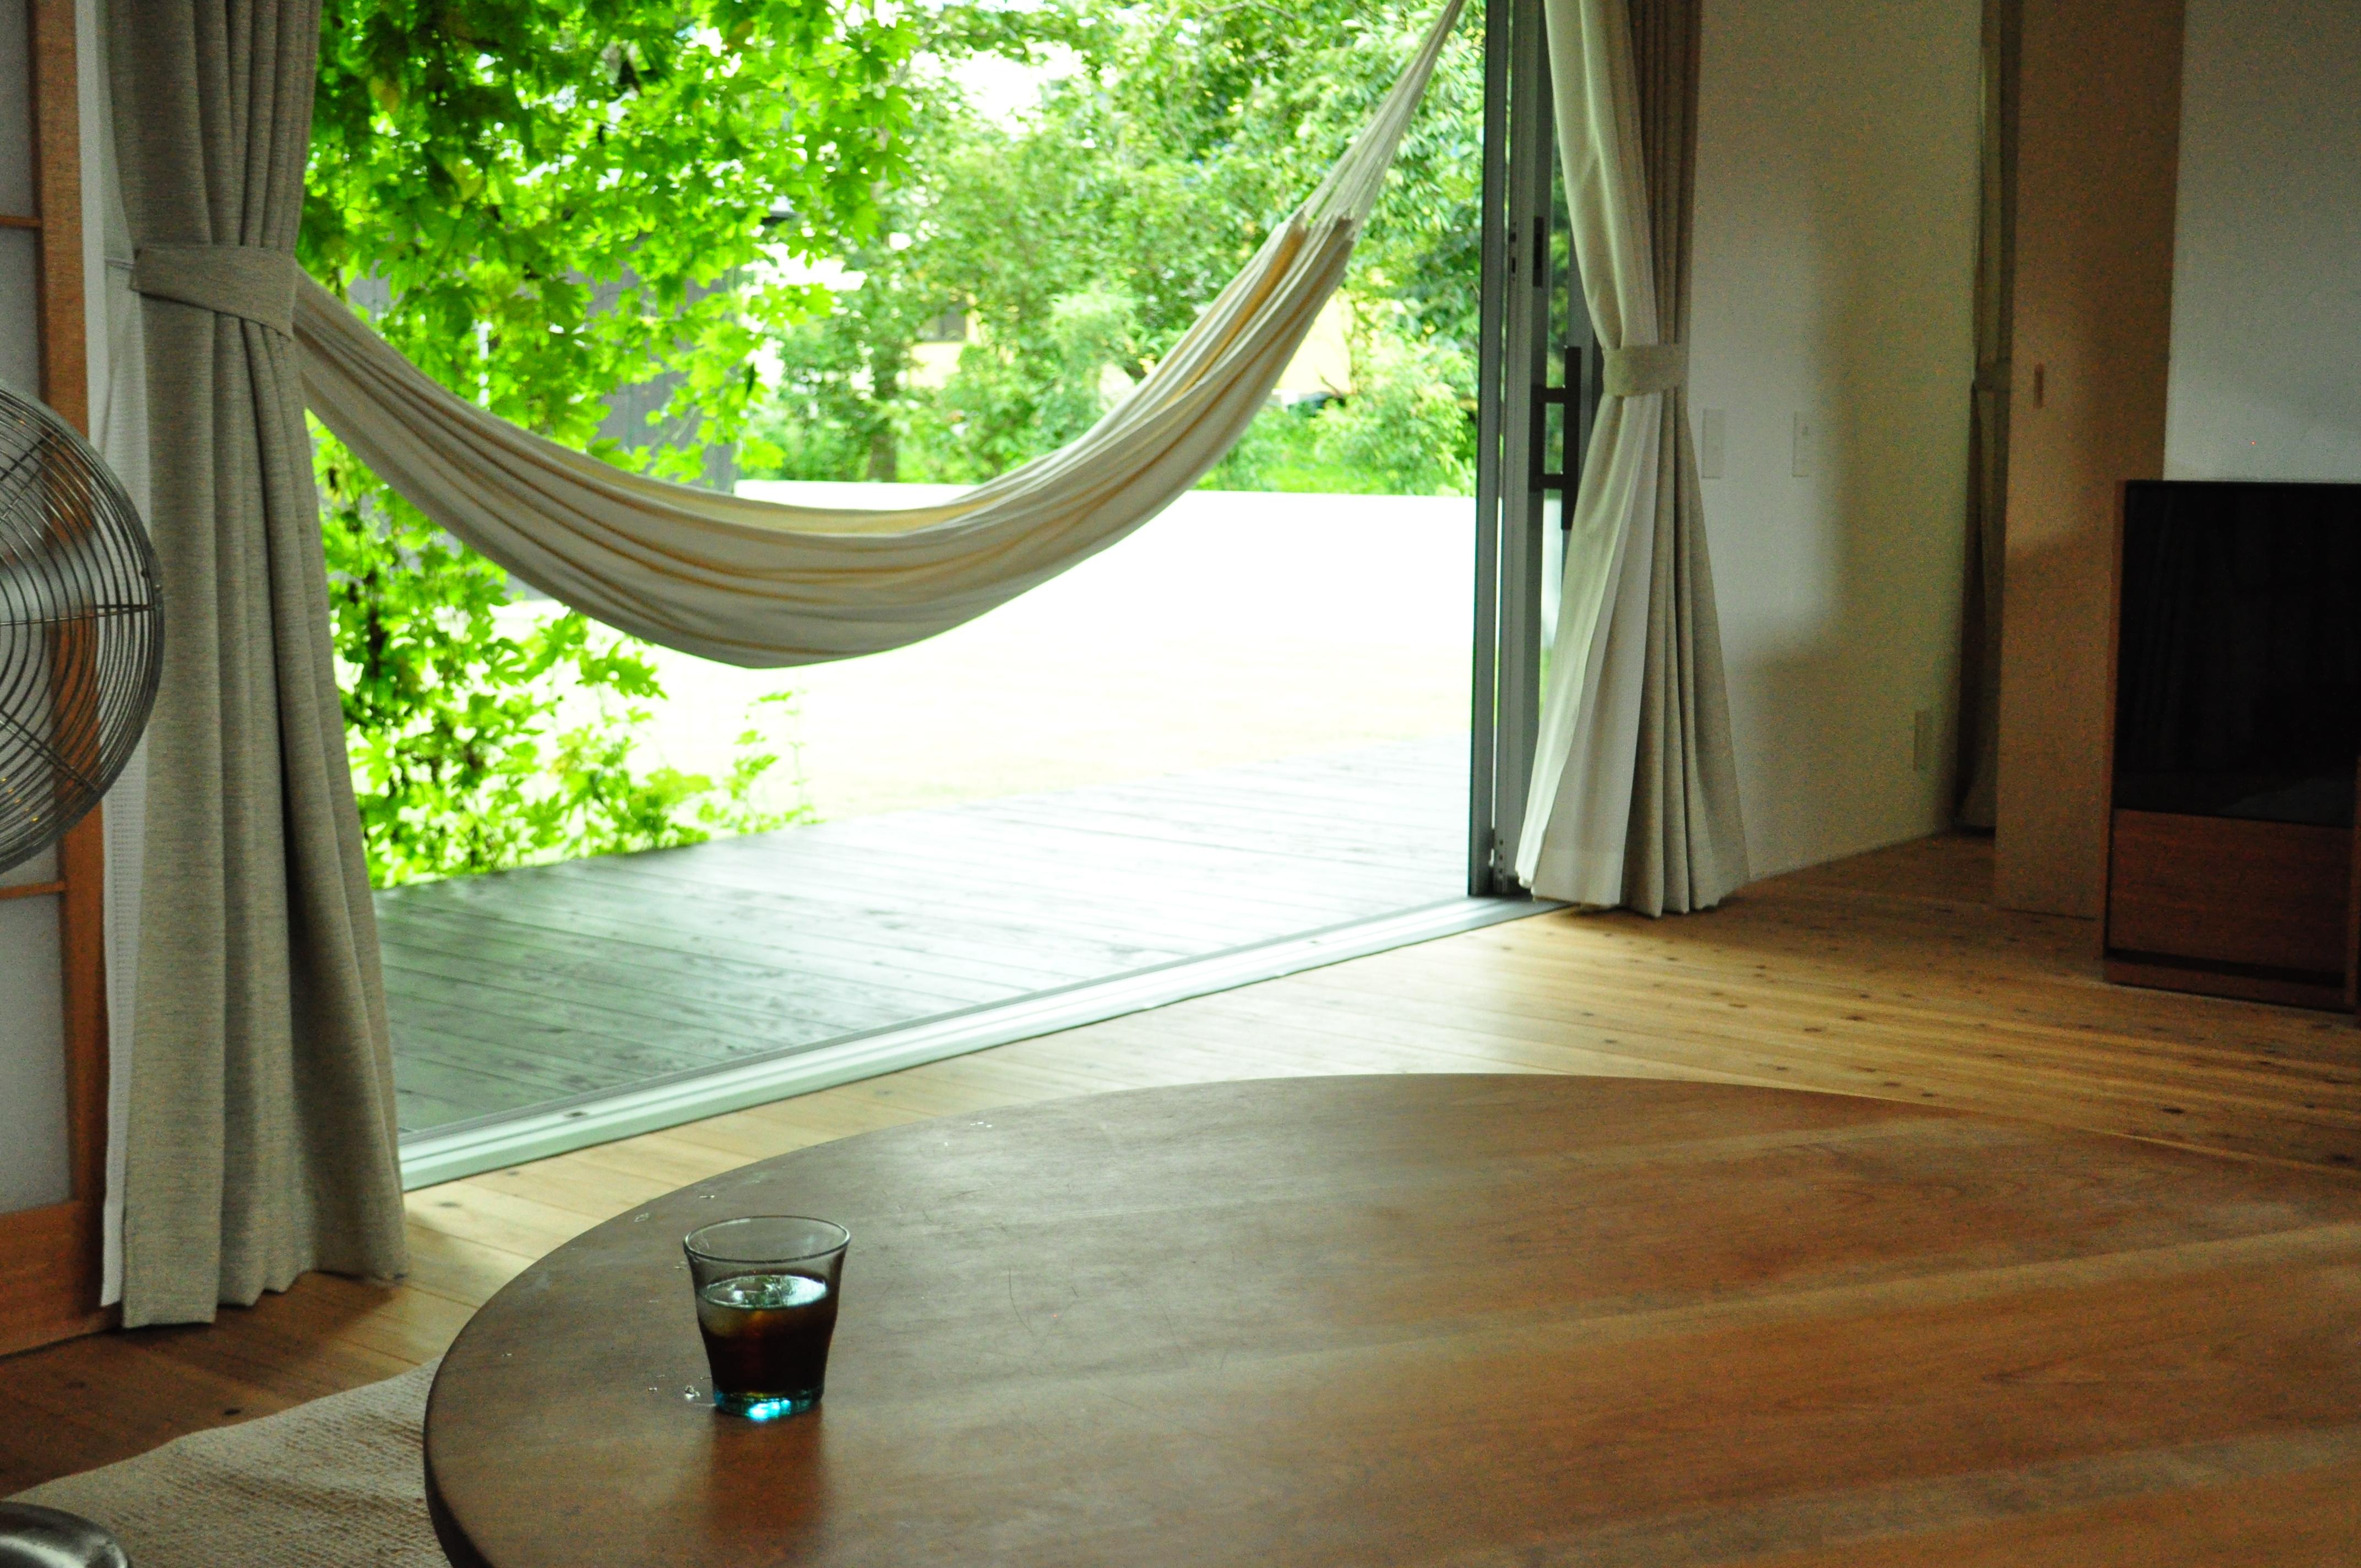 第5回:もし家を建てるならこんな縁側はどうでしょう、熊本県のちゃぶ台の似合う家|縁側のある生活